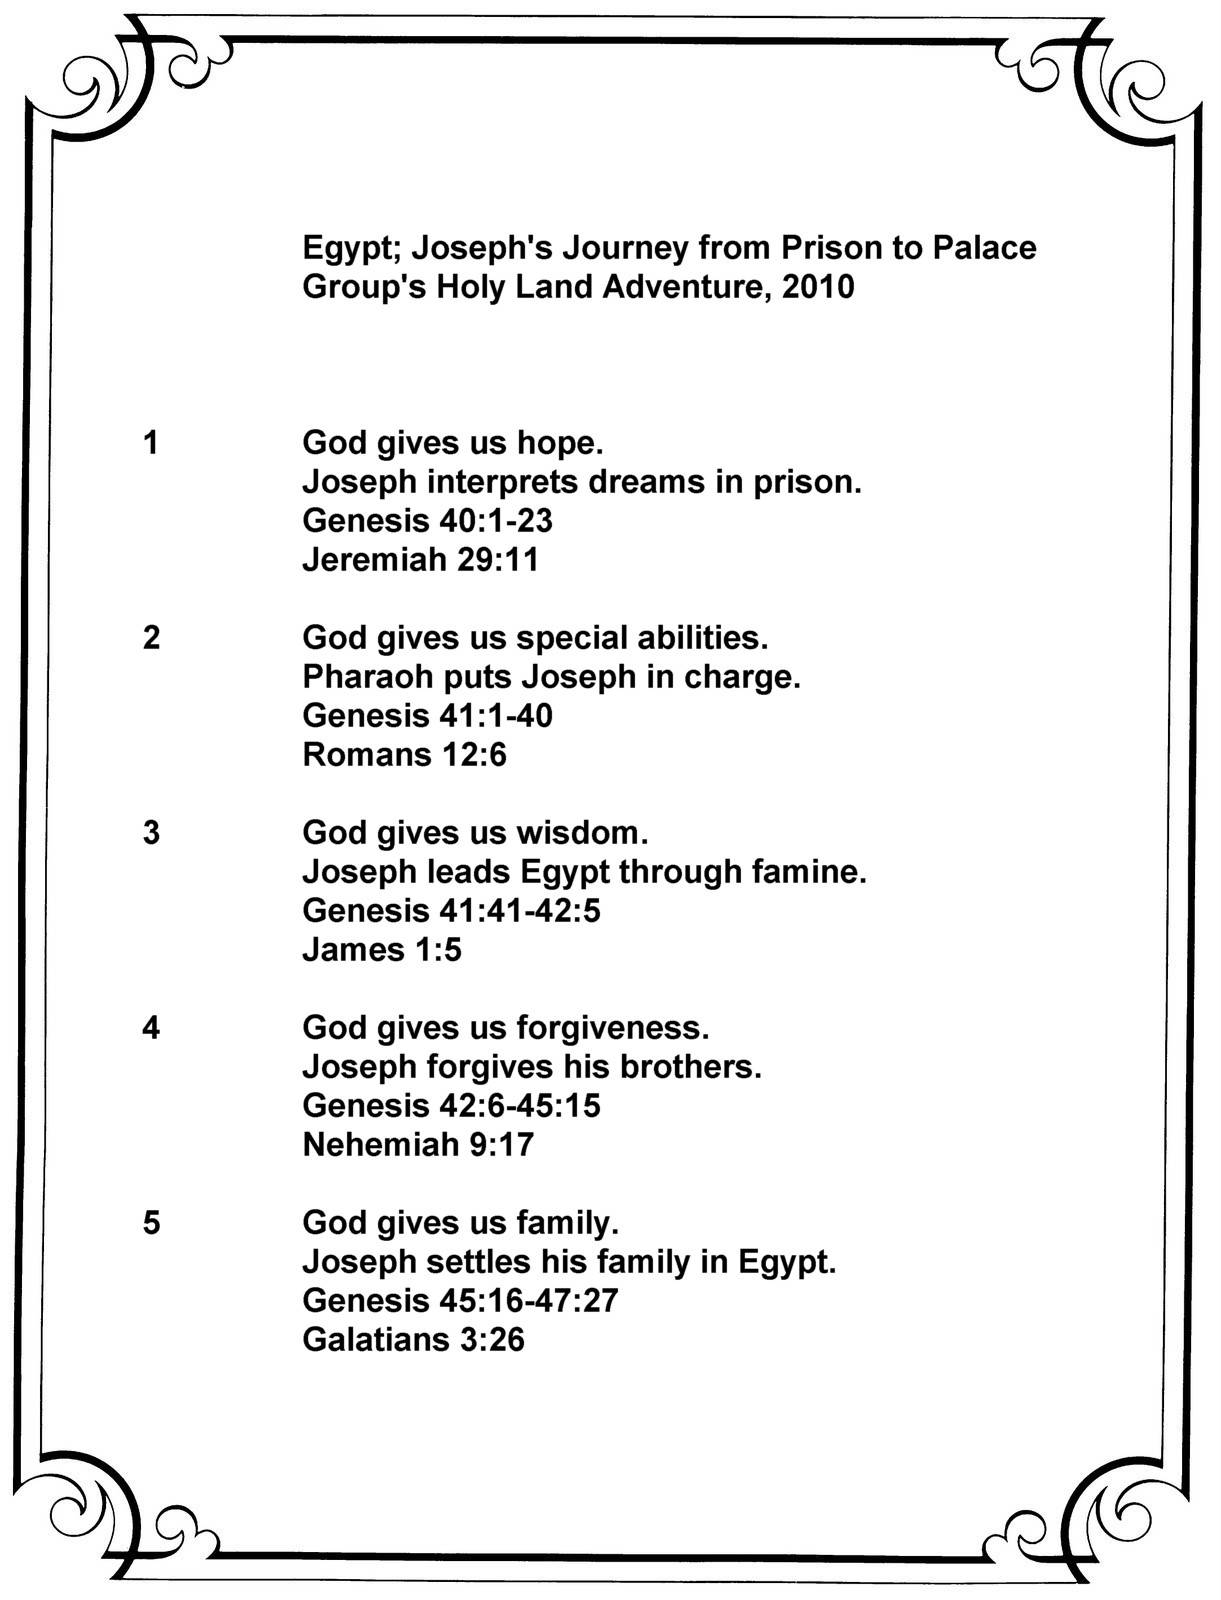 Egypt; Joseph's Journey Summary